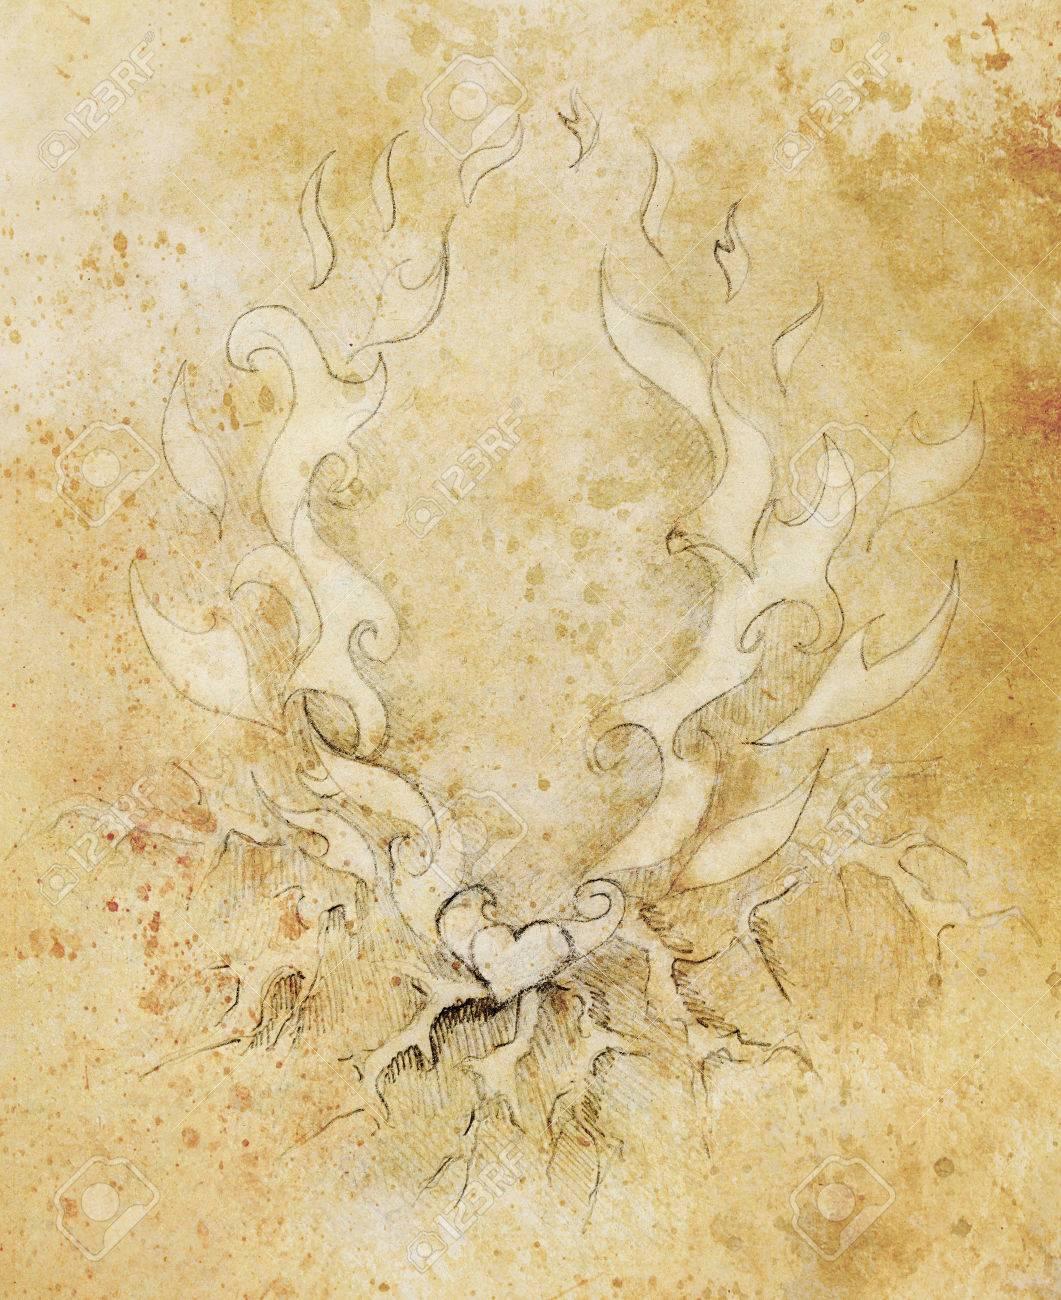 Hermoso Dibujo De Lápiz Ornamental En El Papel Viejo Corazón Y Fuego Con Flash Color De La Sepia